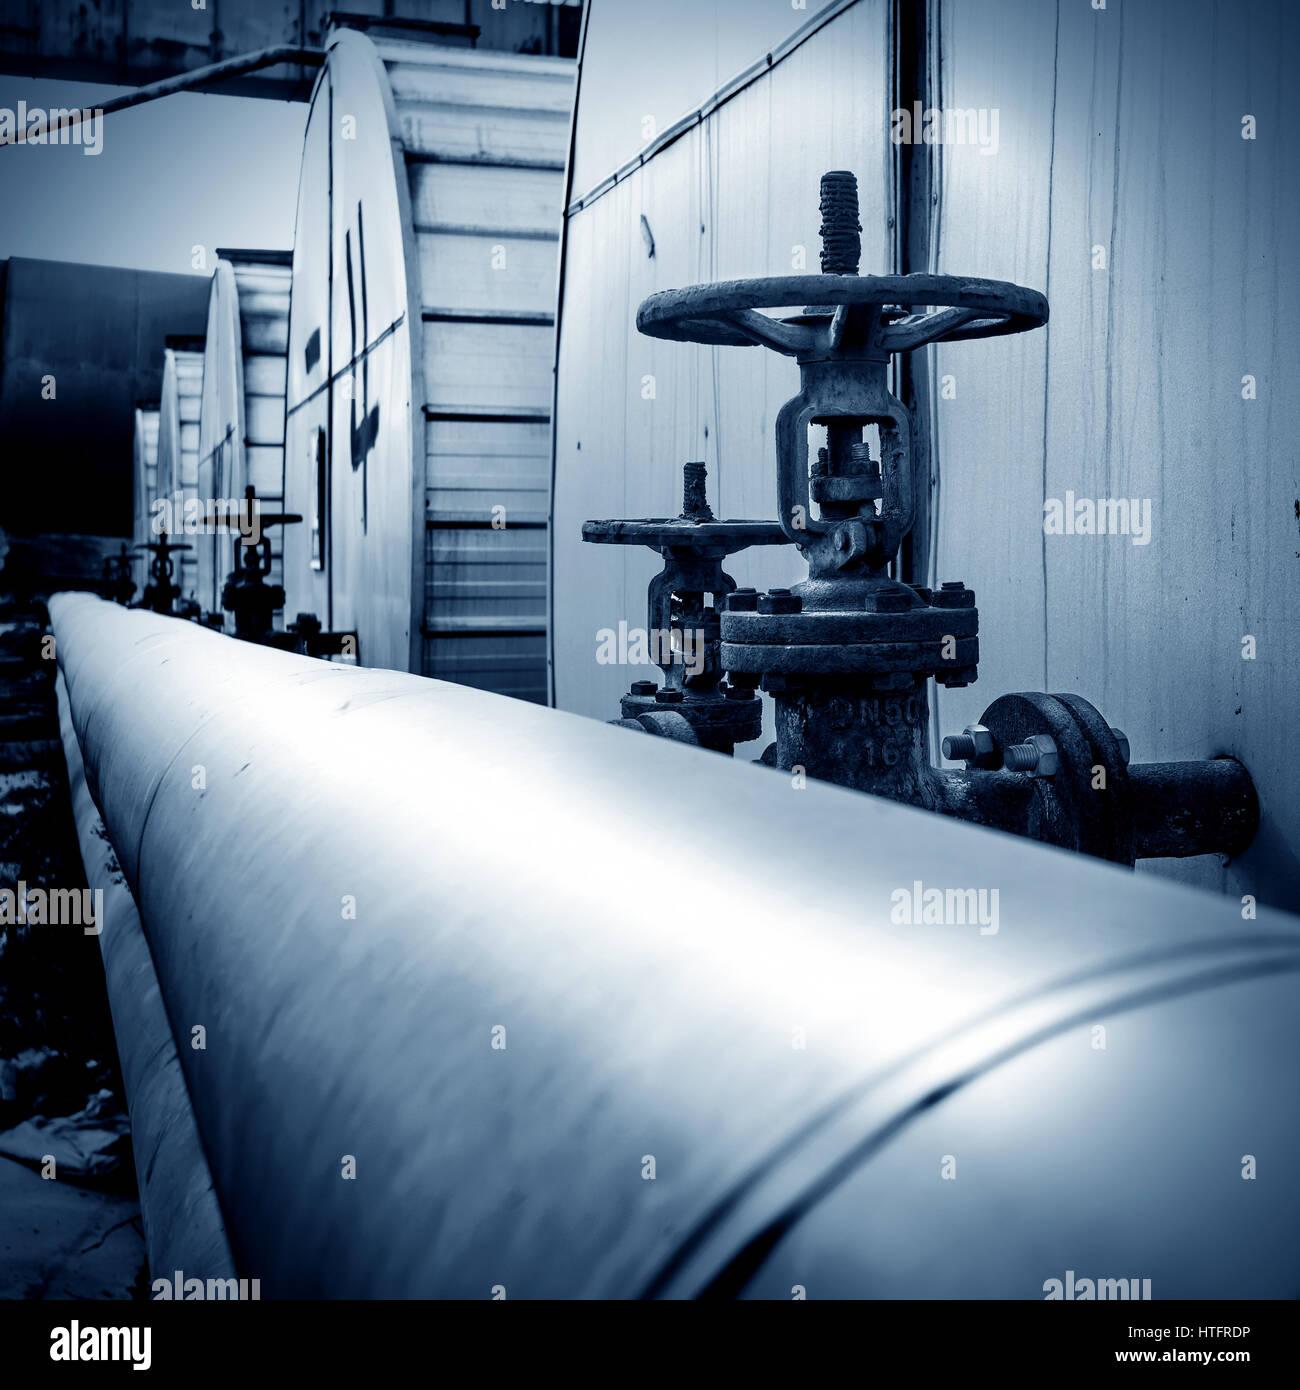 A Vertical Copper Boiler Stock Photos & A Vertical Copper Boiler ...